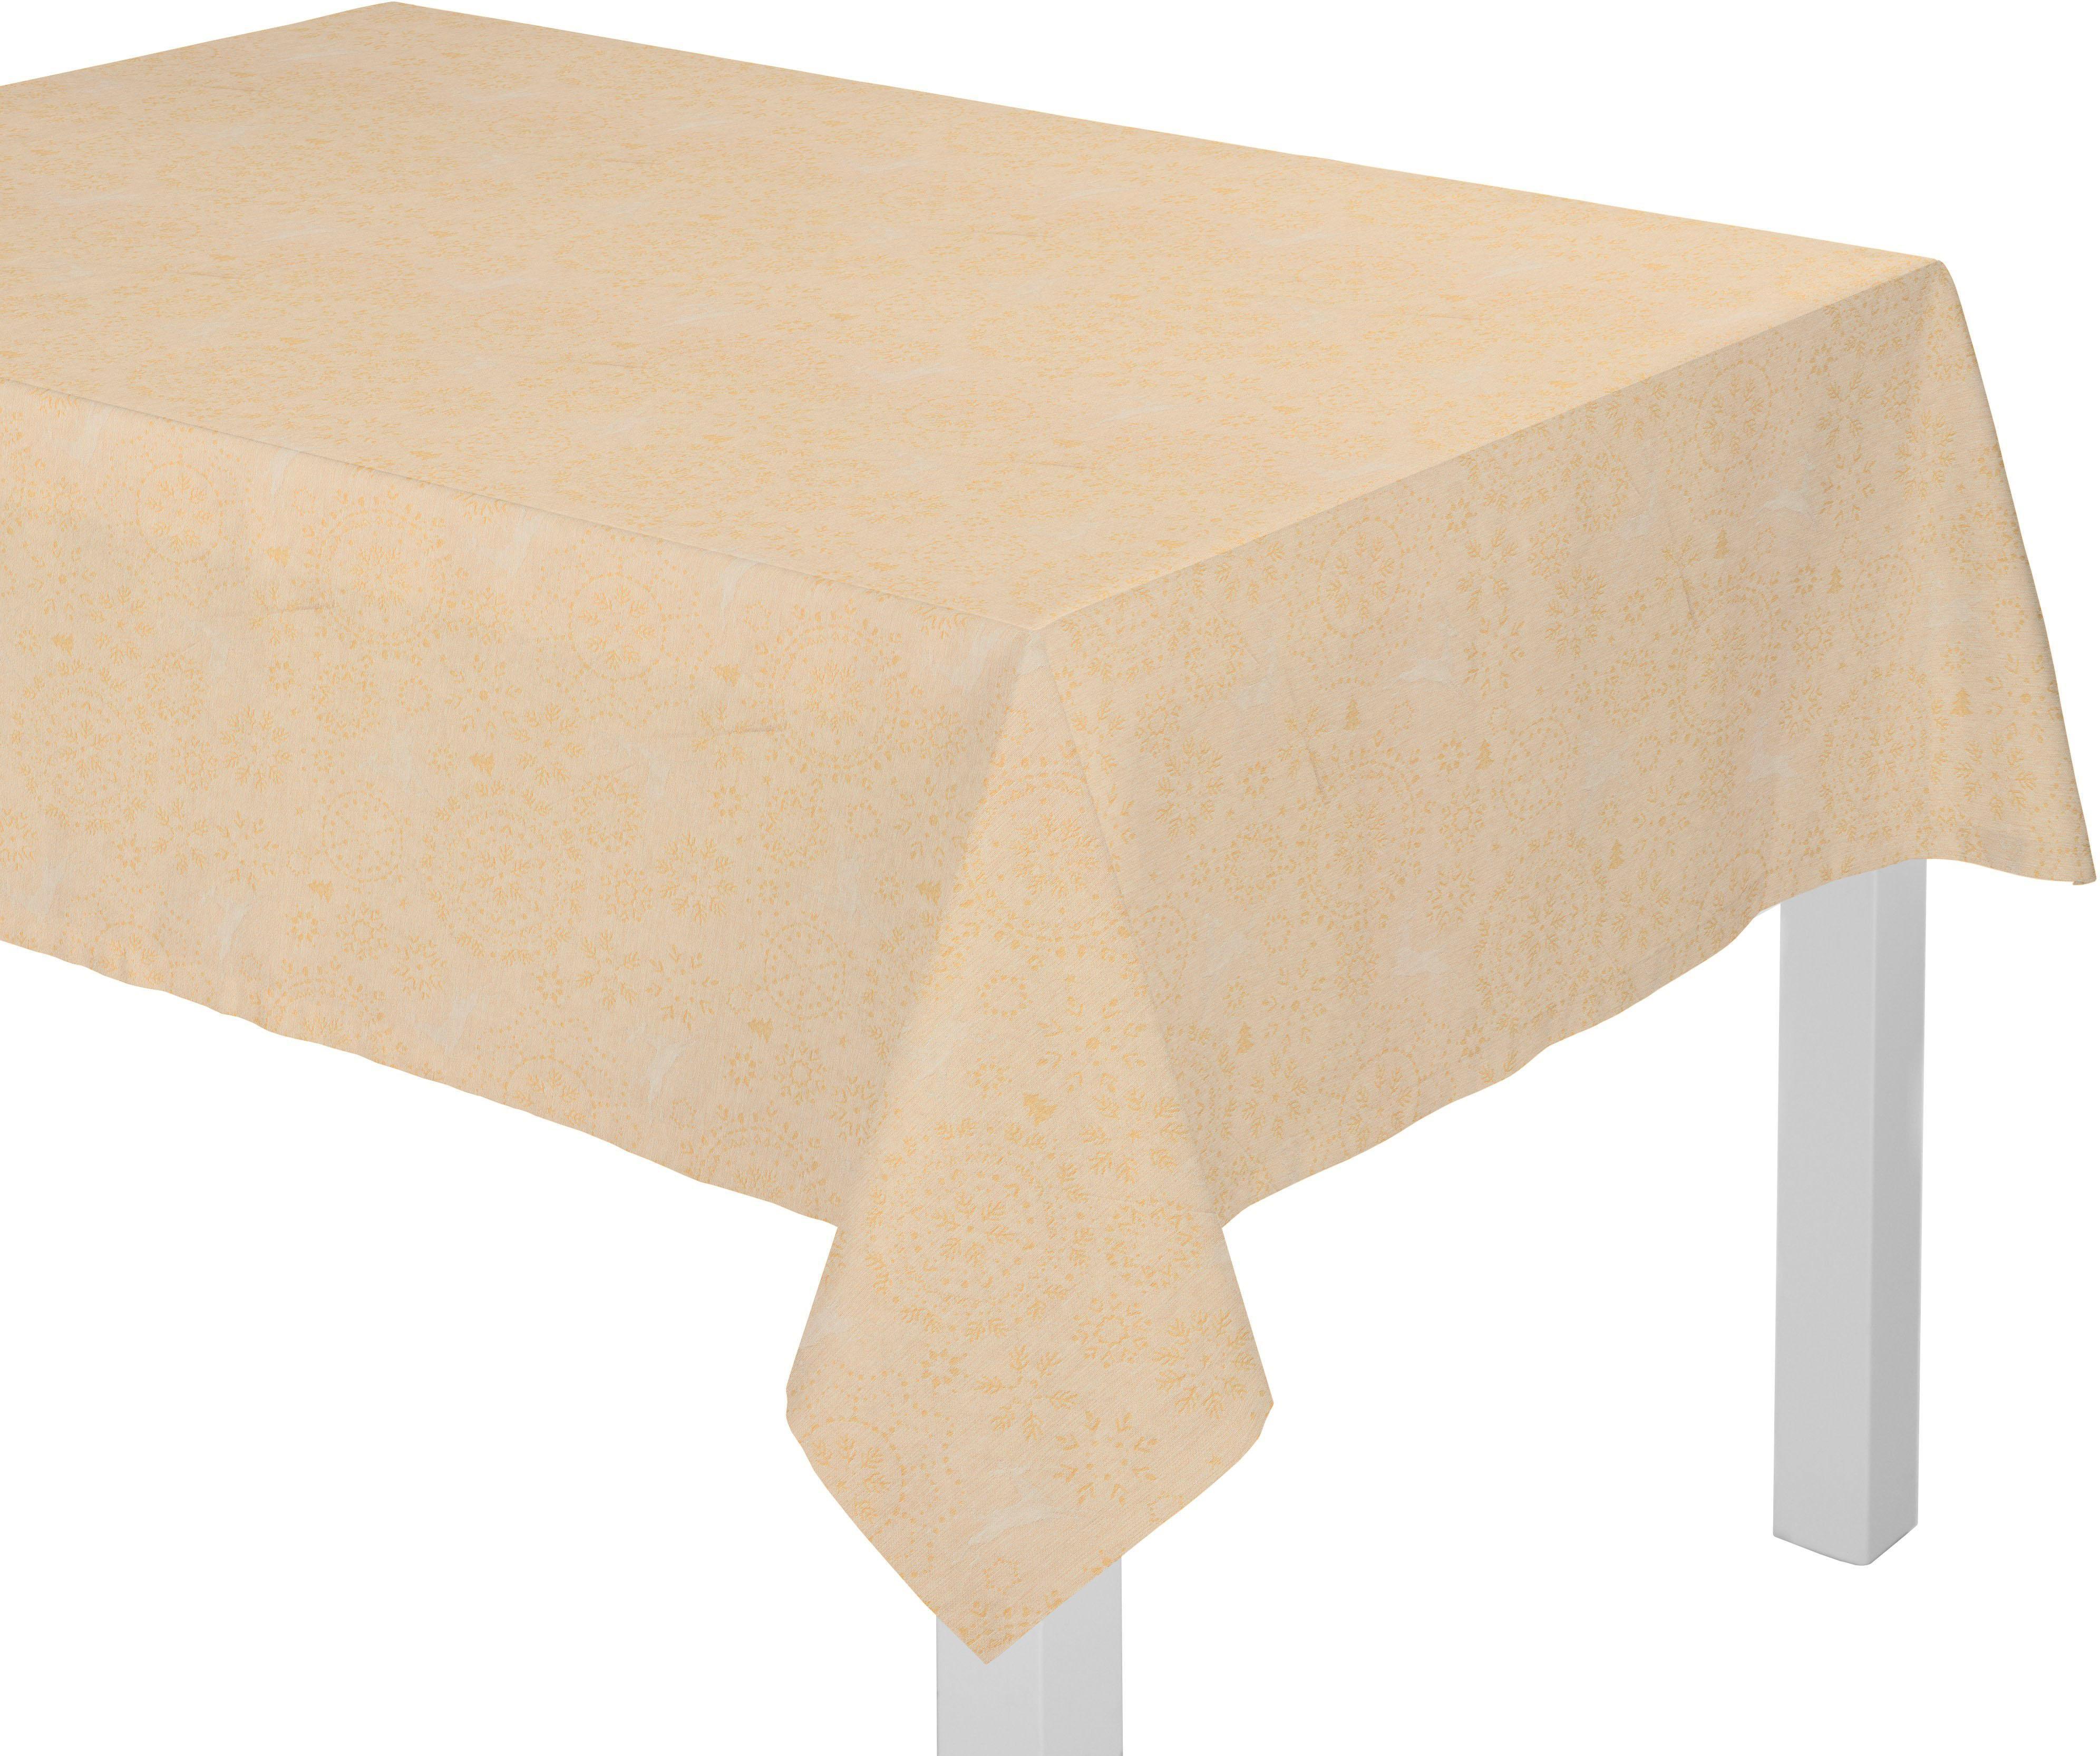 Tischdecke SWIFT Wirth